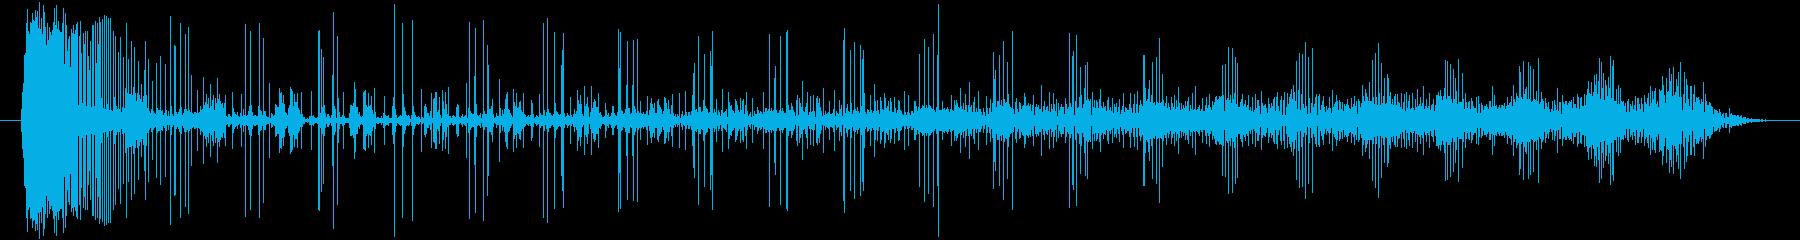 ノイズ 途切れるノイズのうねり03の再生済みの波形